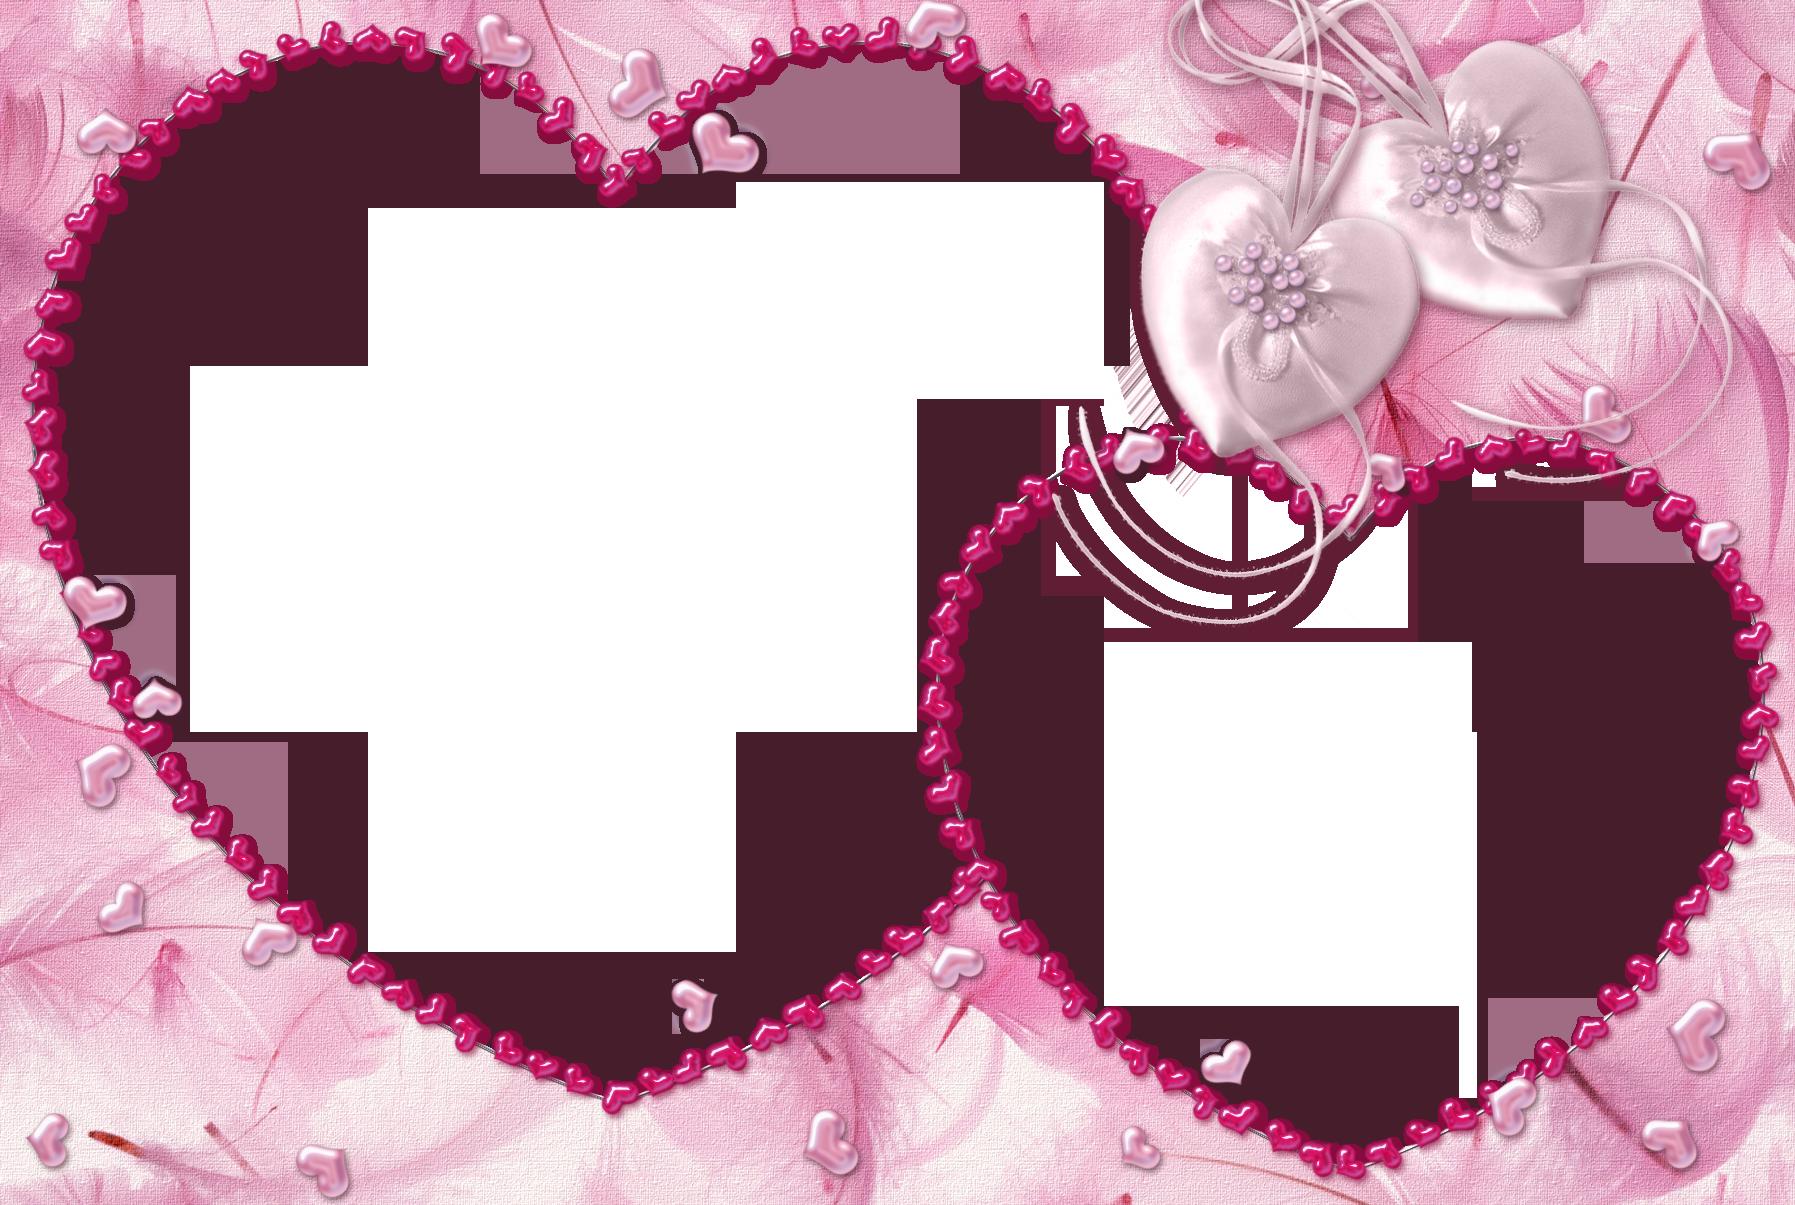 Pink Heart Transparent Frame.